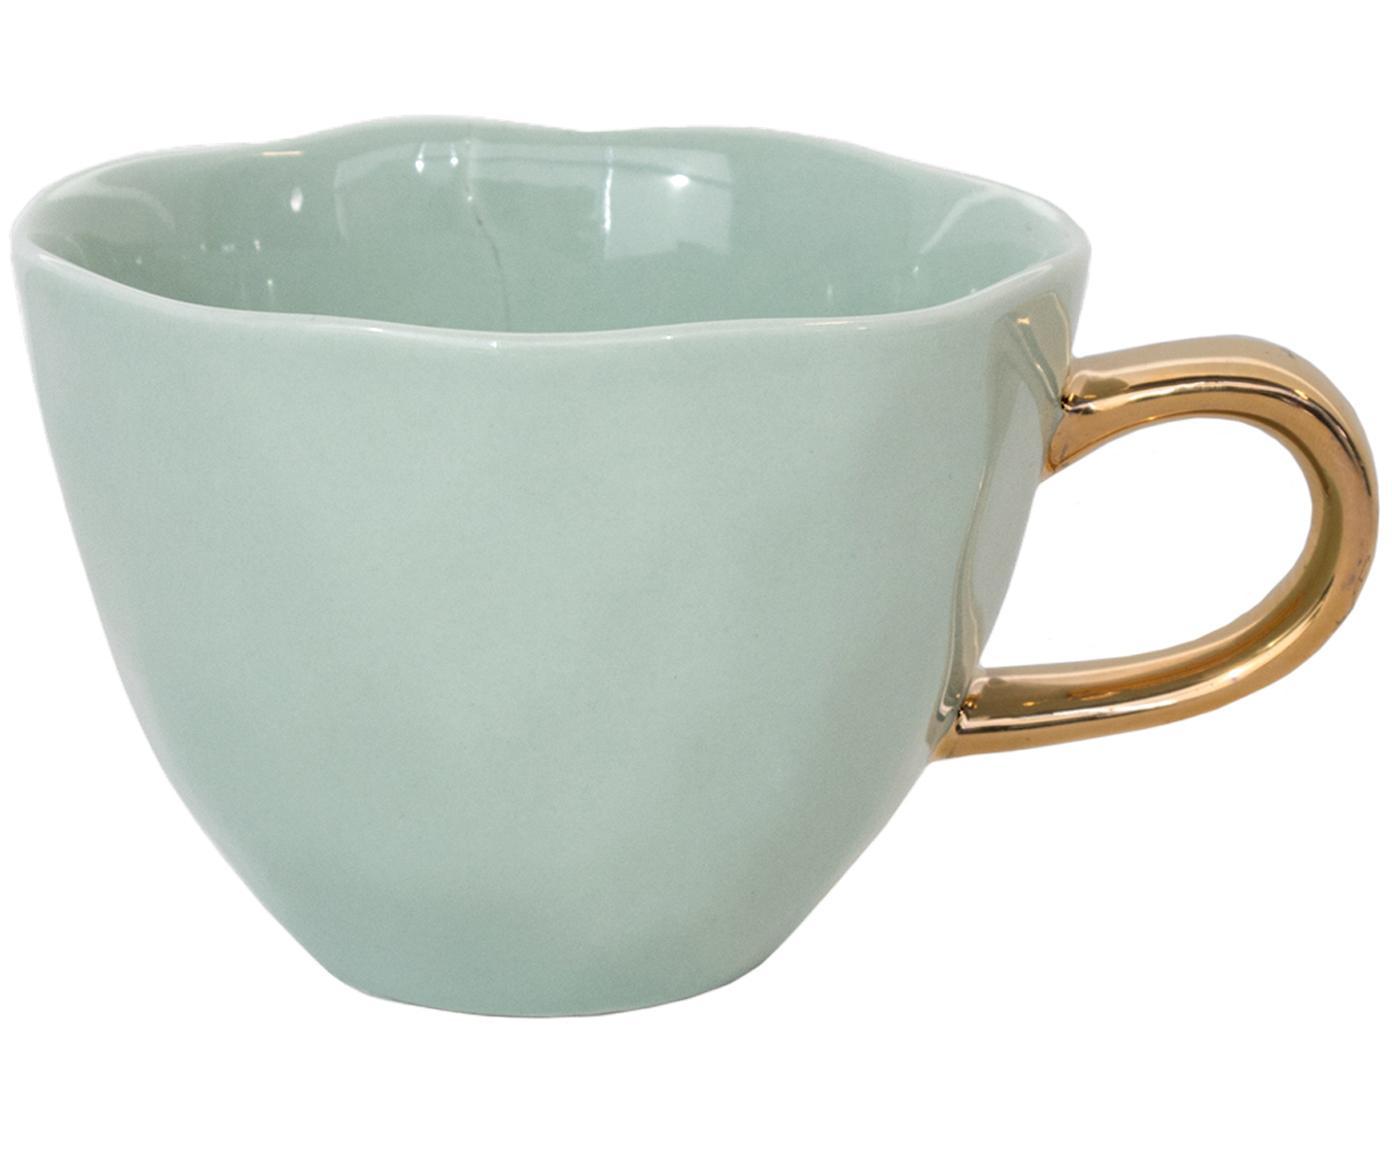 Kubek  Good Morning, Kamionka, Zielony miętowy, odcienie złotego, Ø 11 x W 8 cm